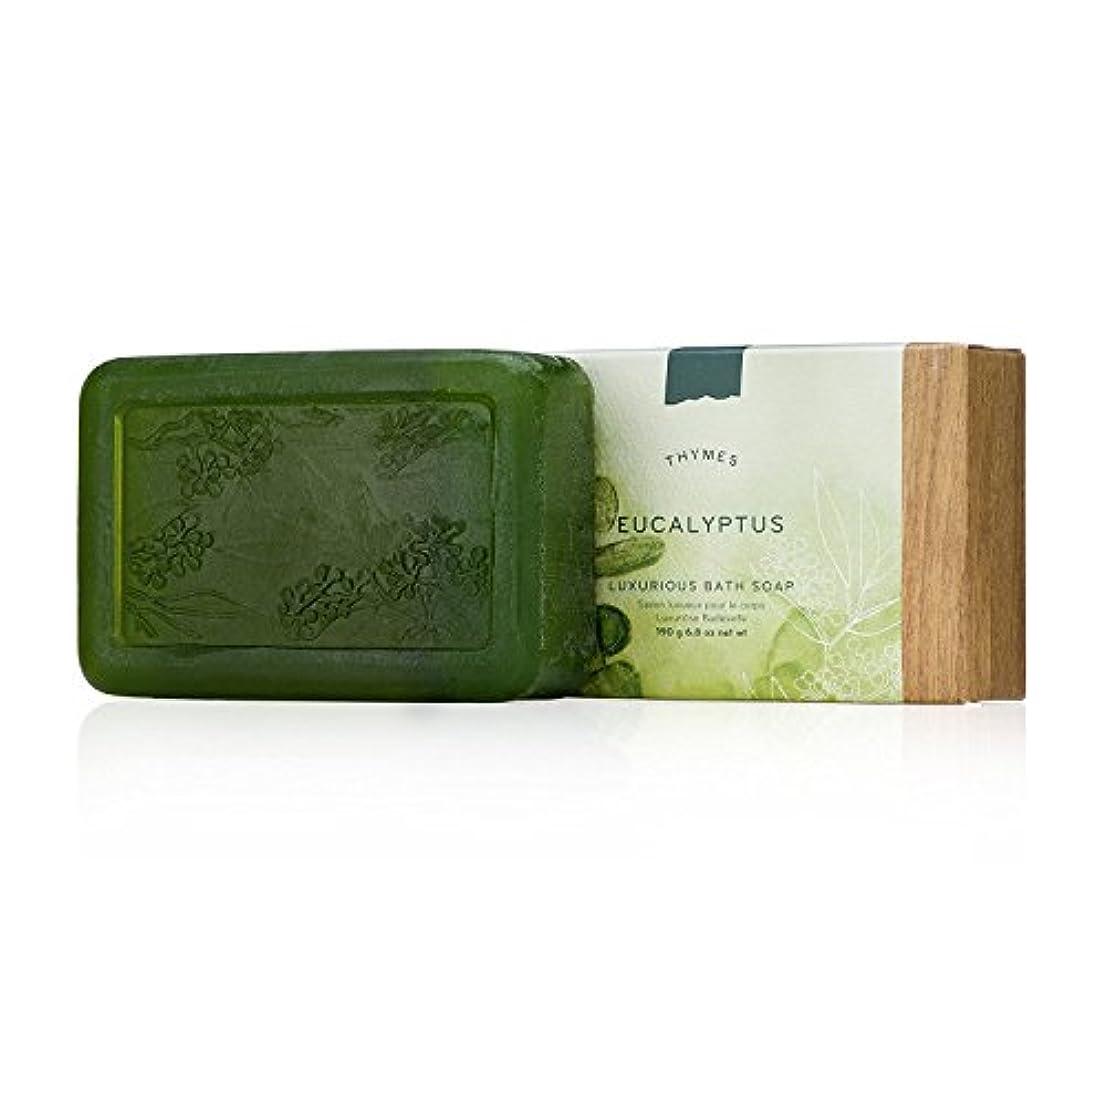 苦痛連続的経済タイムズ Eucalyptus Luxurious Bath Soap 190g/6.8oz